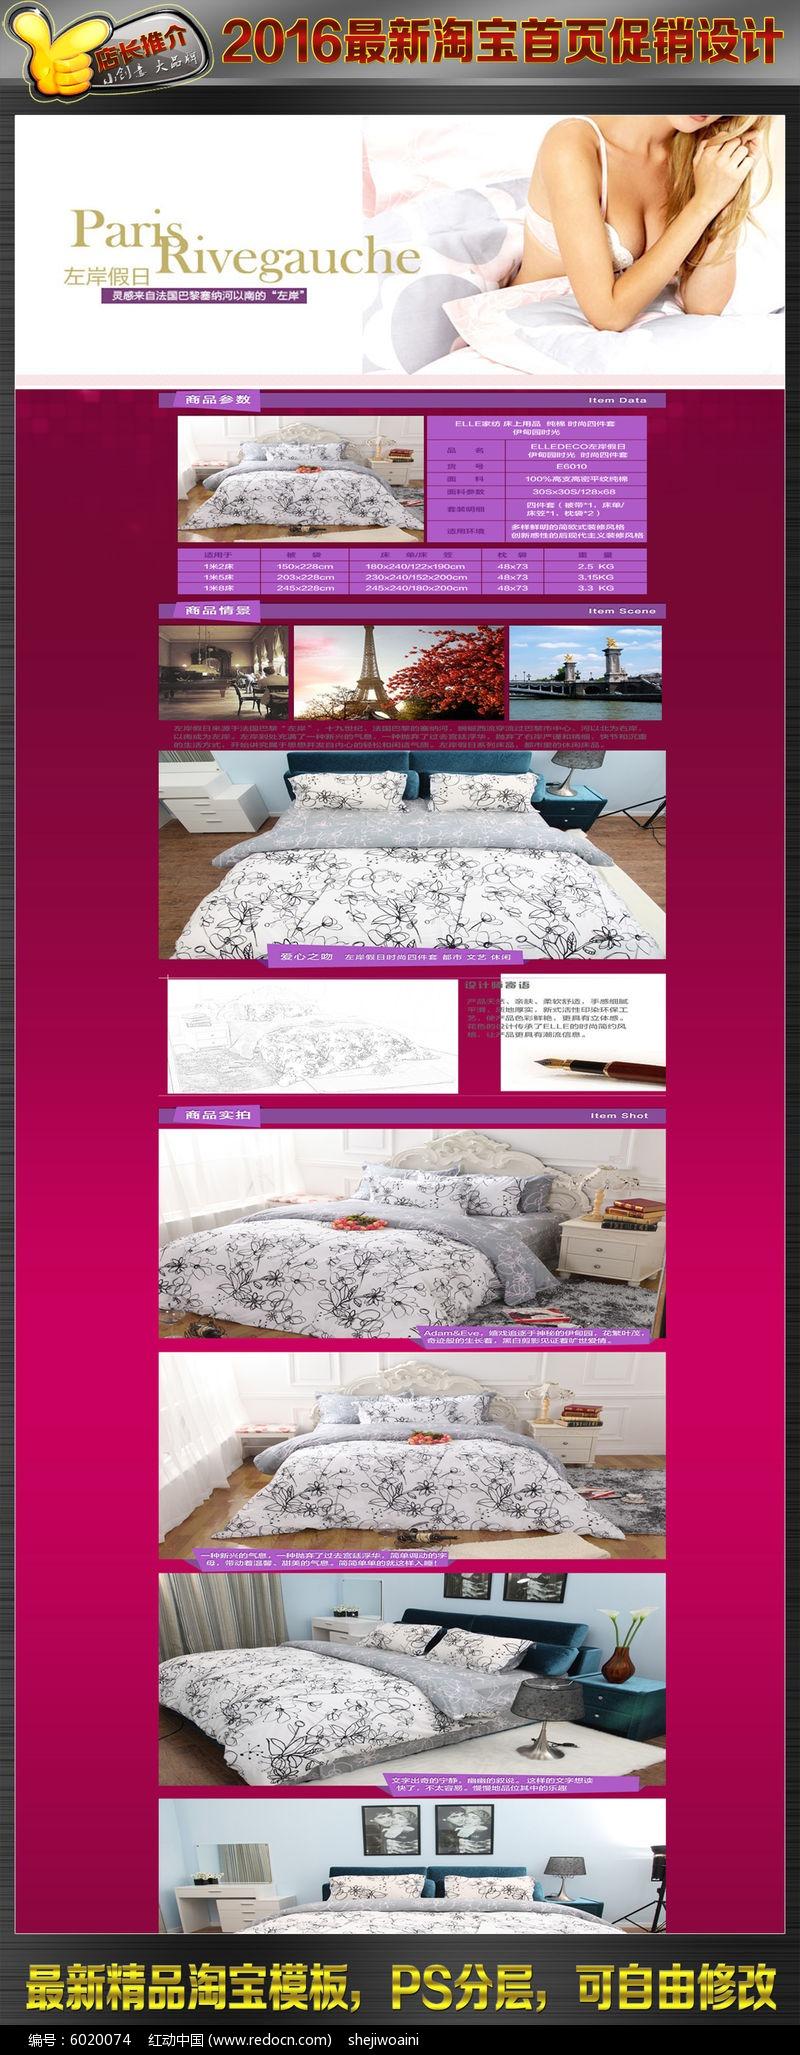 淘宝床上用品四件套宝贝详情页面描述设计图片